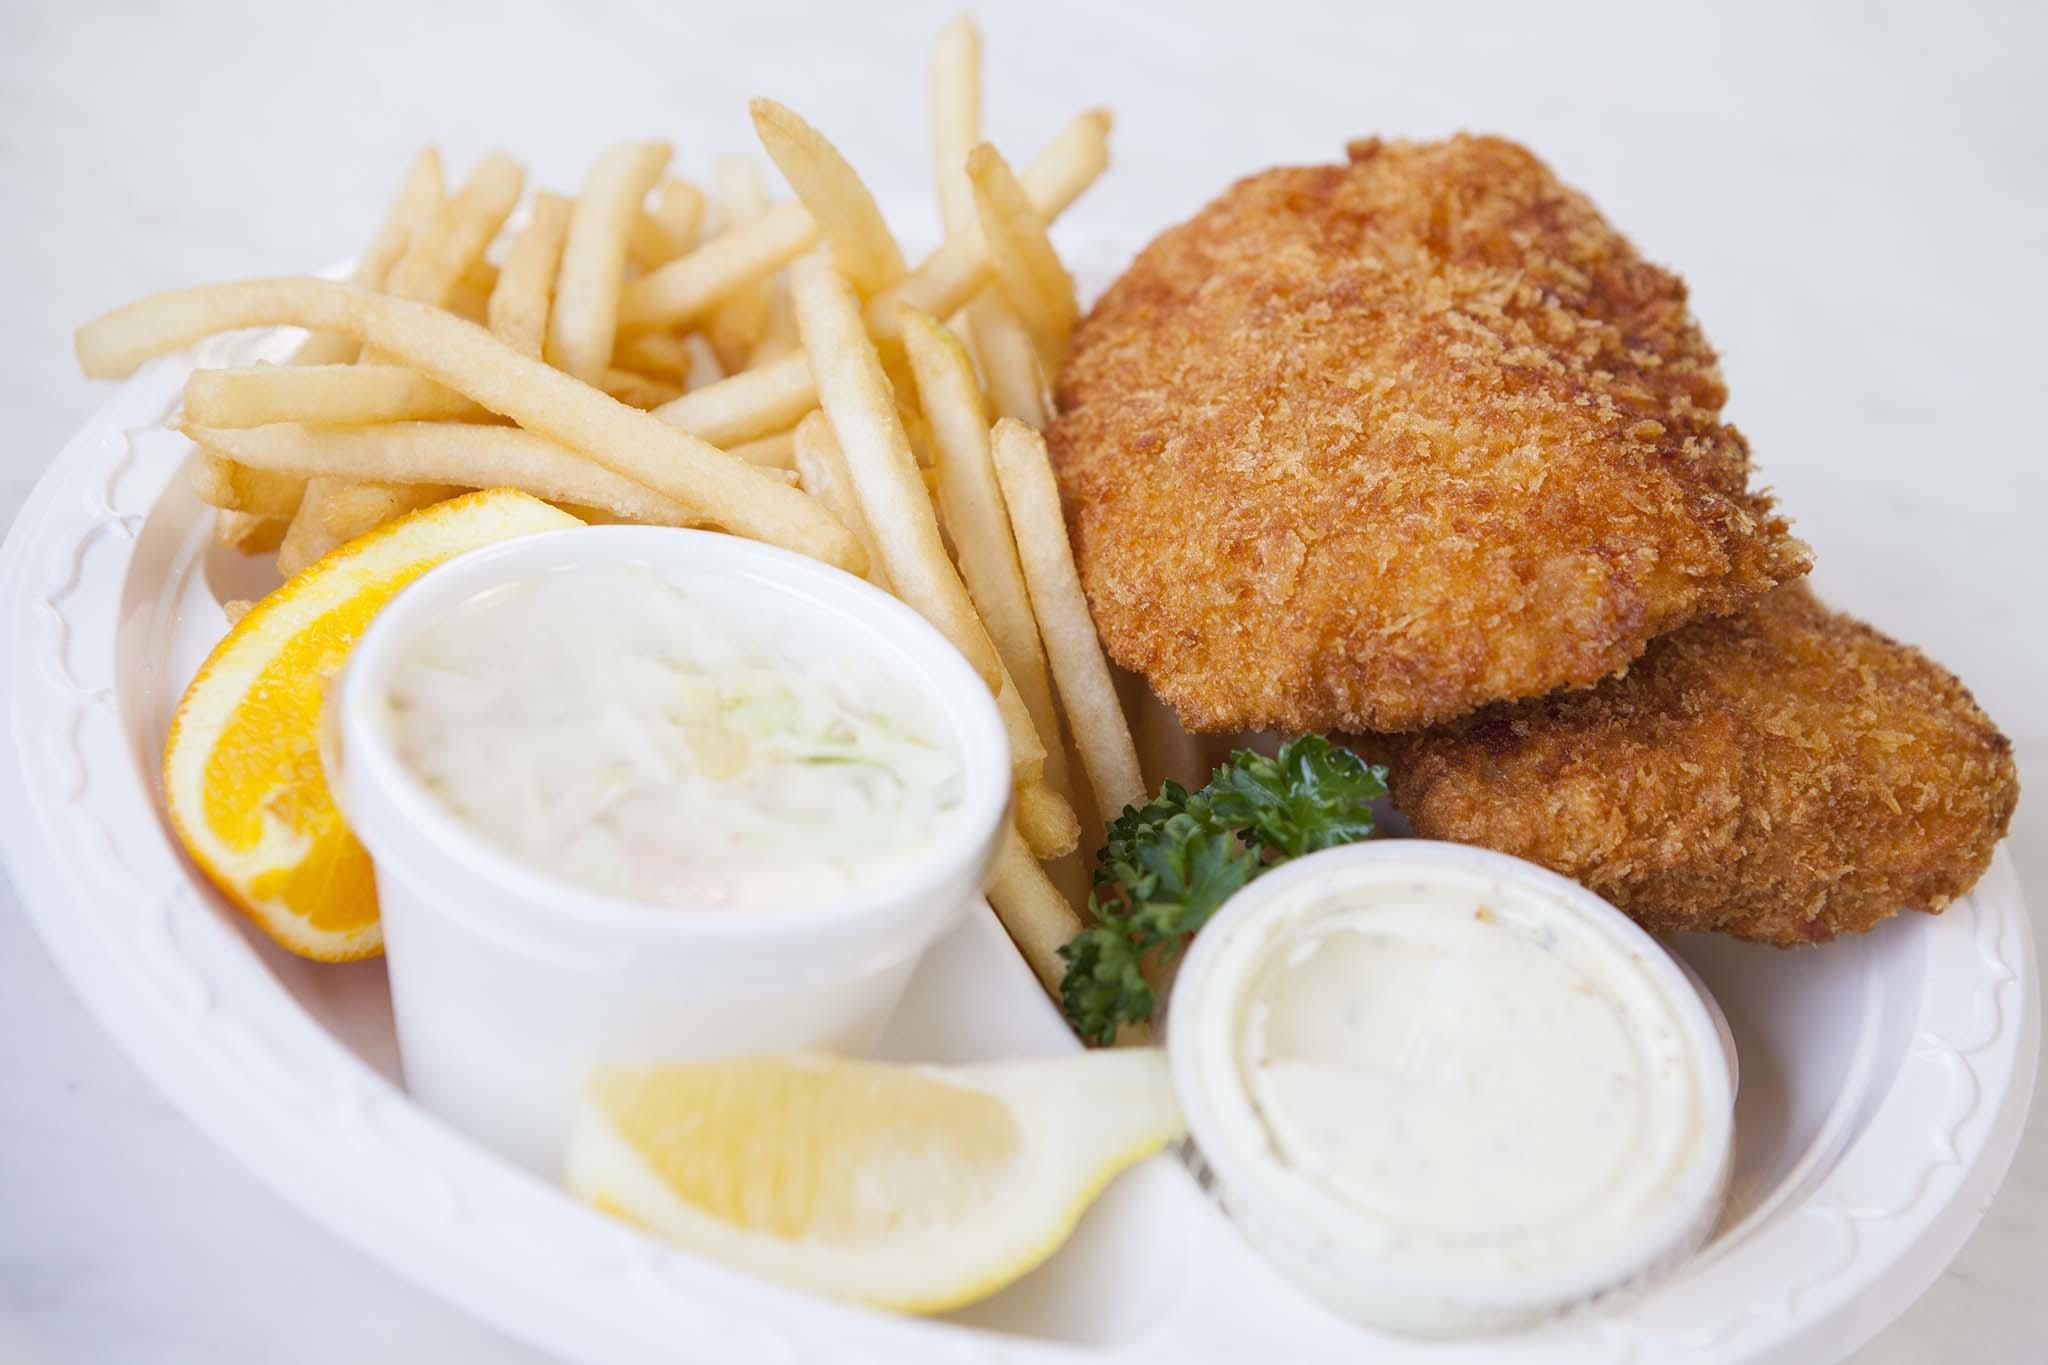 Fish and chips at Fish King